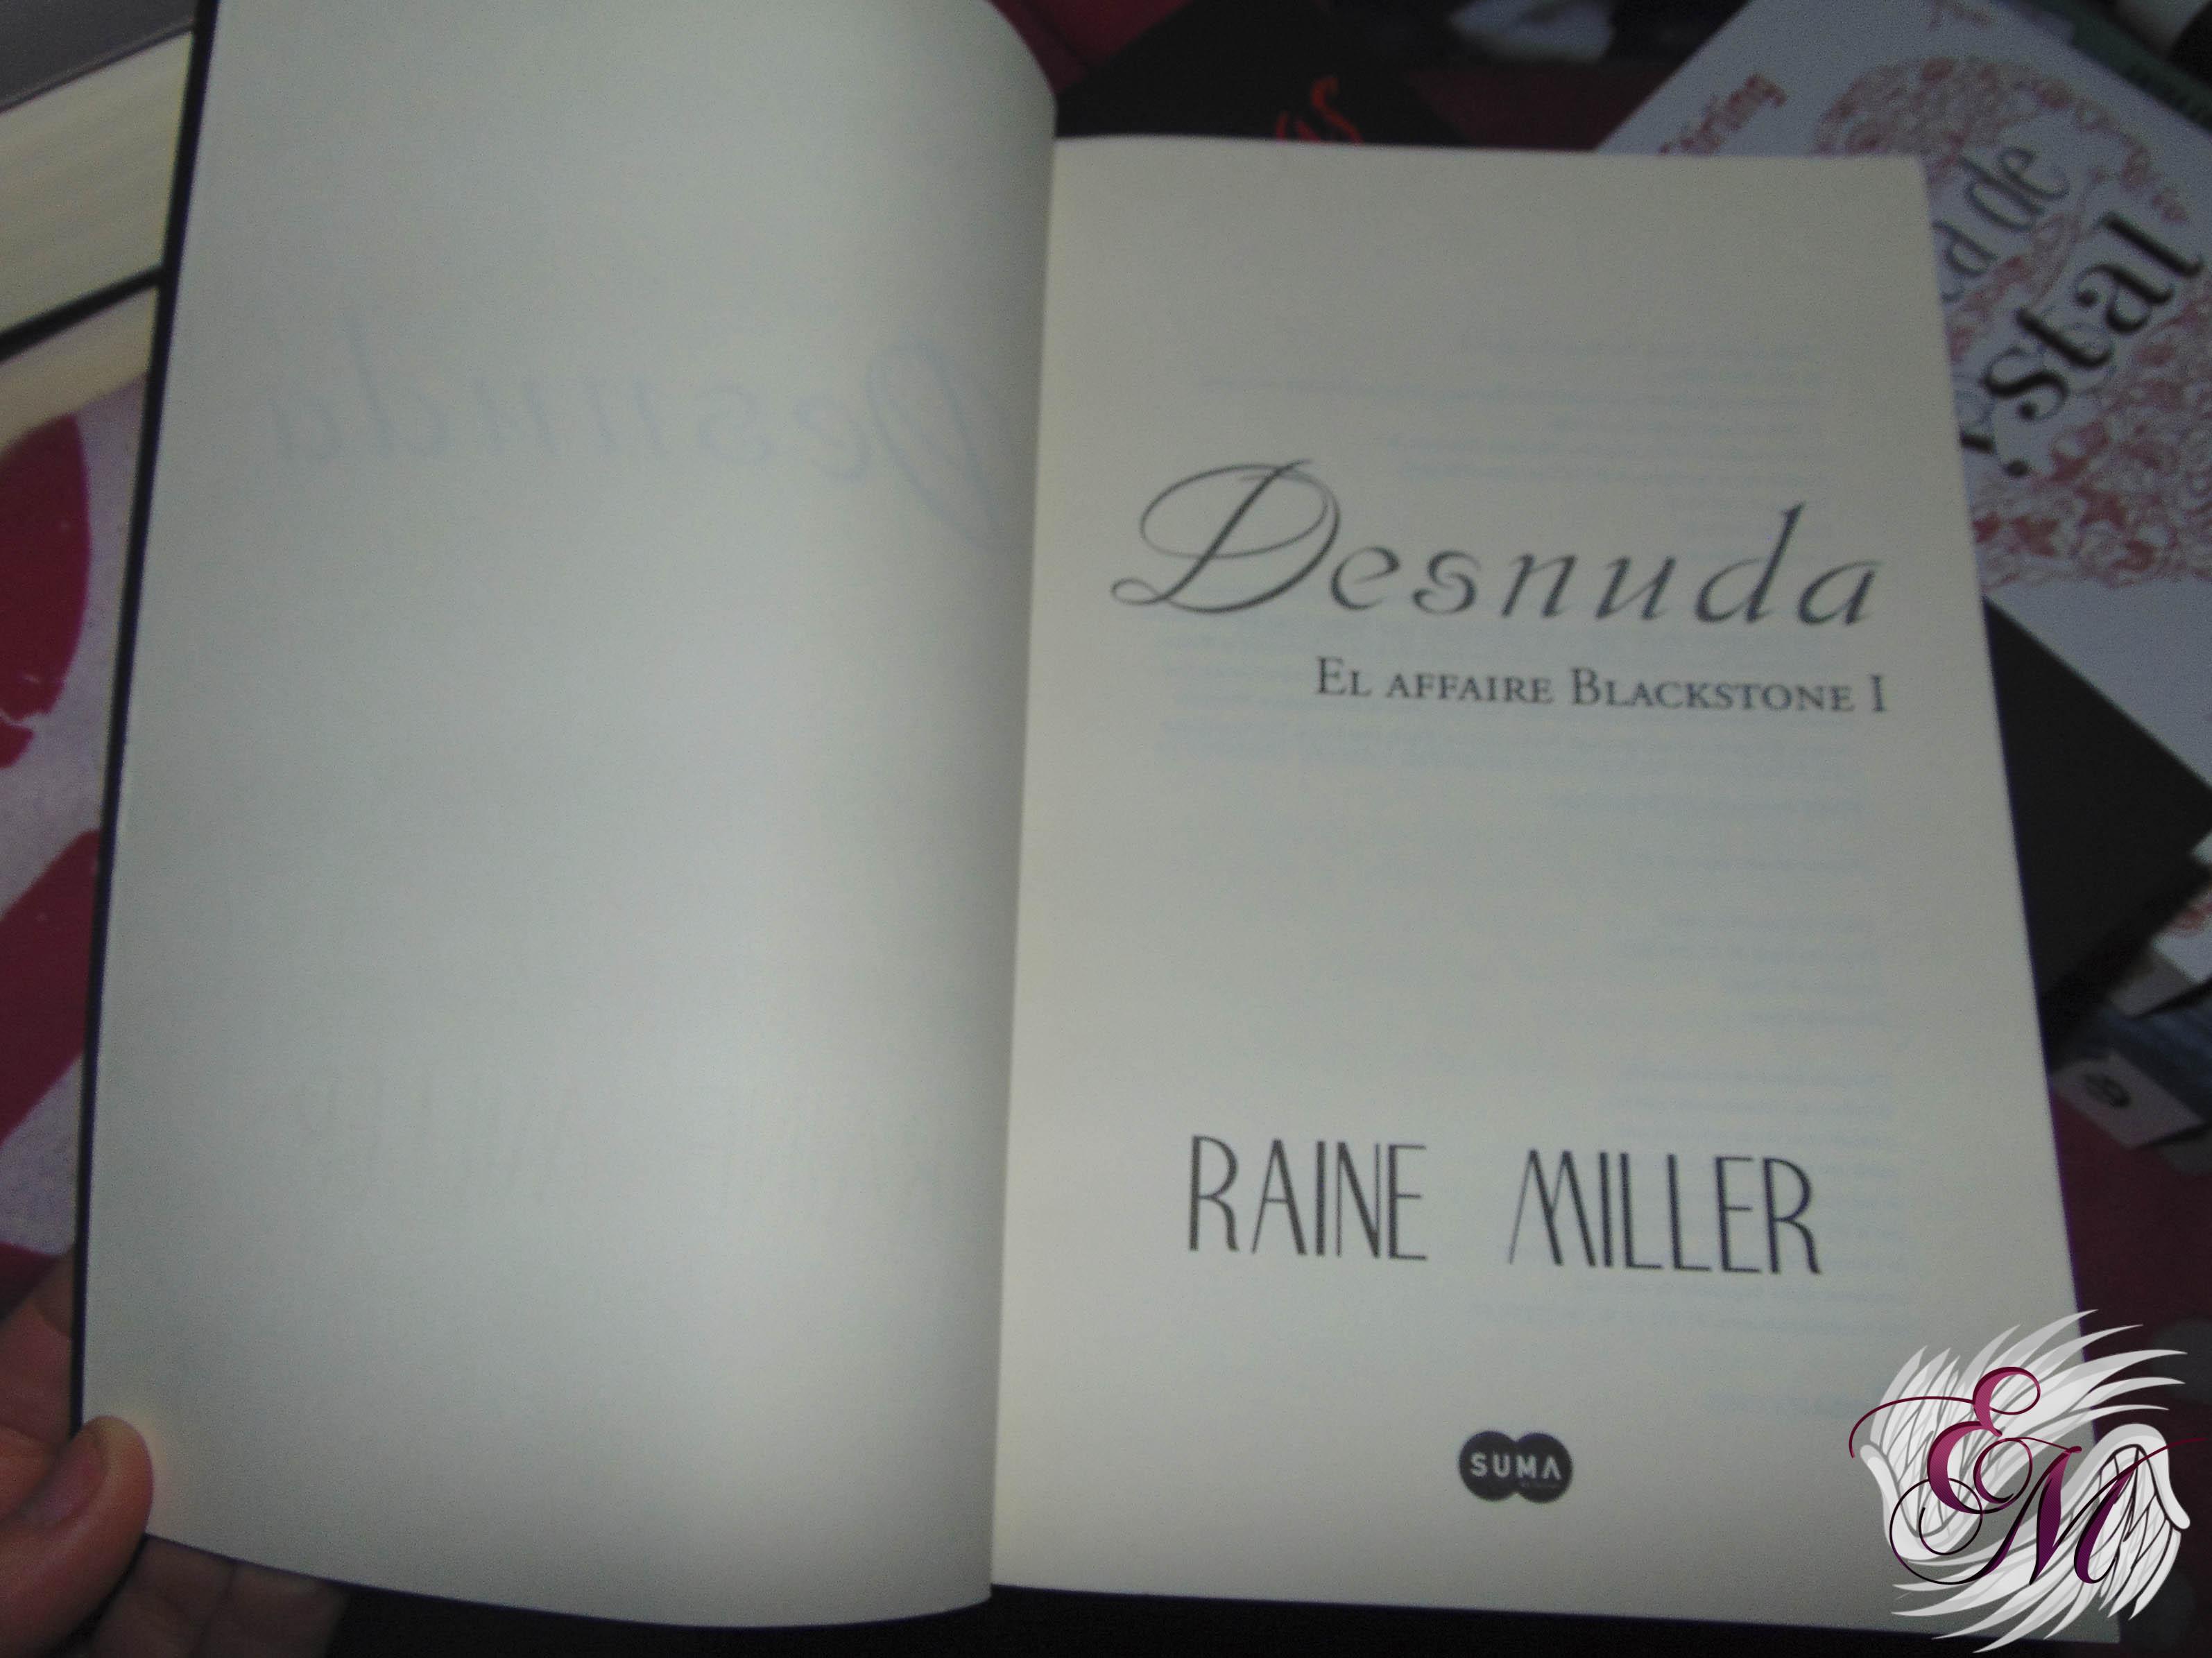 Desnuda, de Raine Miller - Reseña